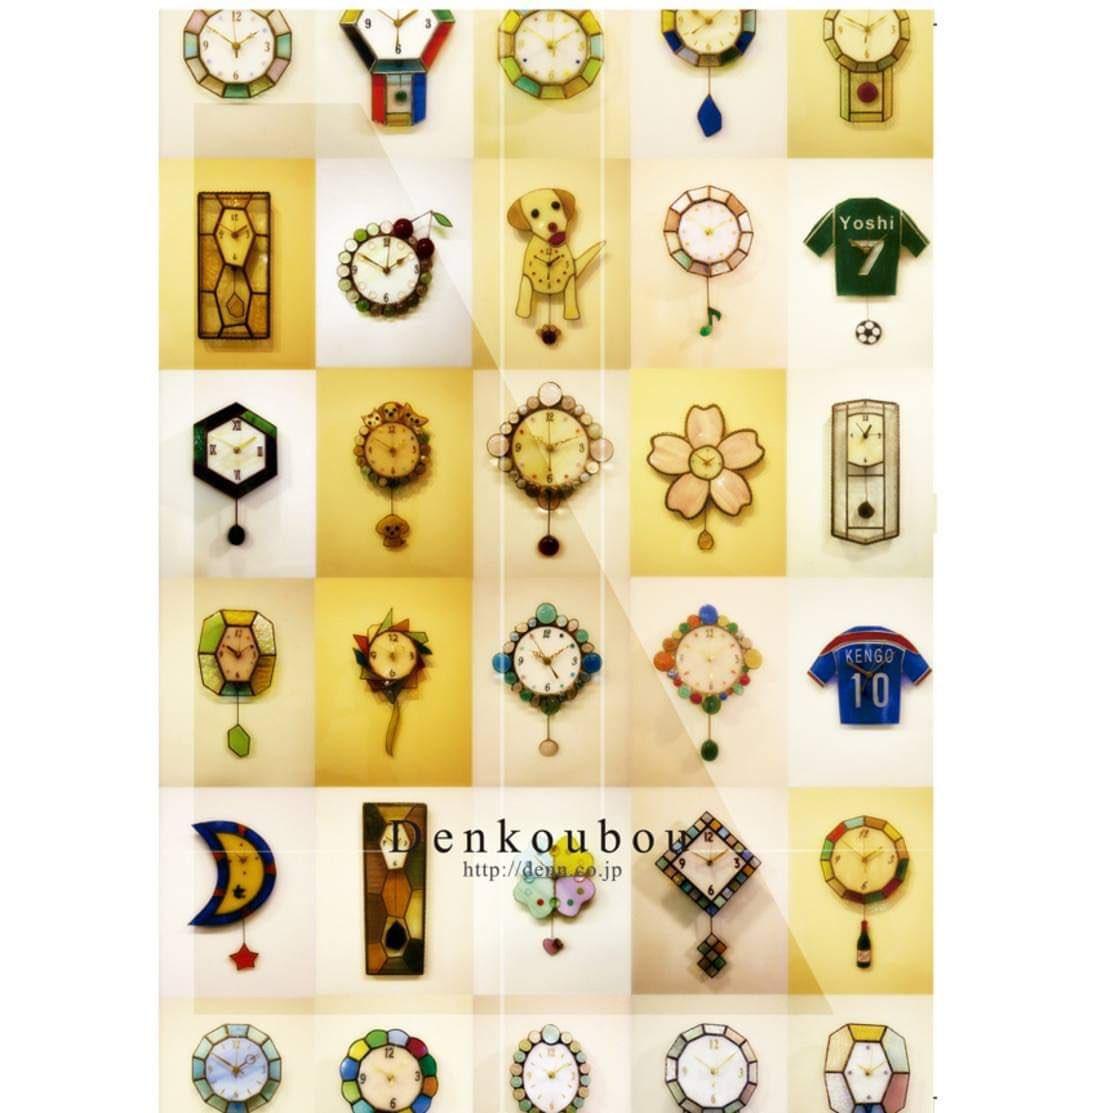 パンフレットデザイン  ステンドグラスで創る時計。 オリジナルで作られる一つ一つ特別な作品、様々な色と形のステンドグラス。  パンフレットの表紙  #Design #pamphlet #leaflet #graphic #デザイン #パンフレット #リーフレット #グラフィック #広告